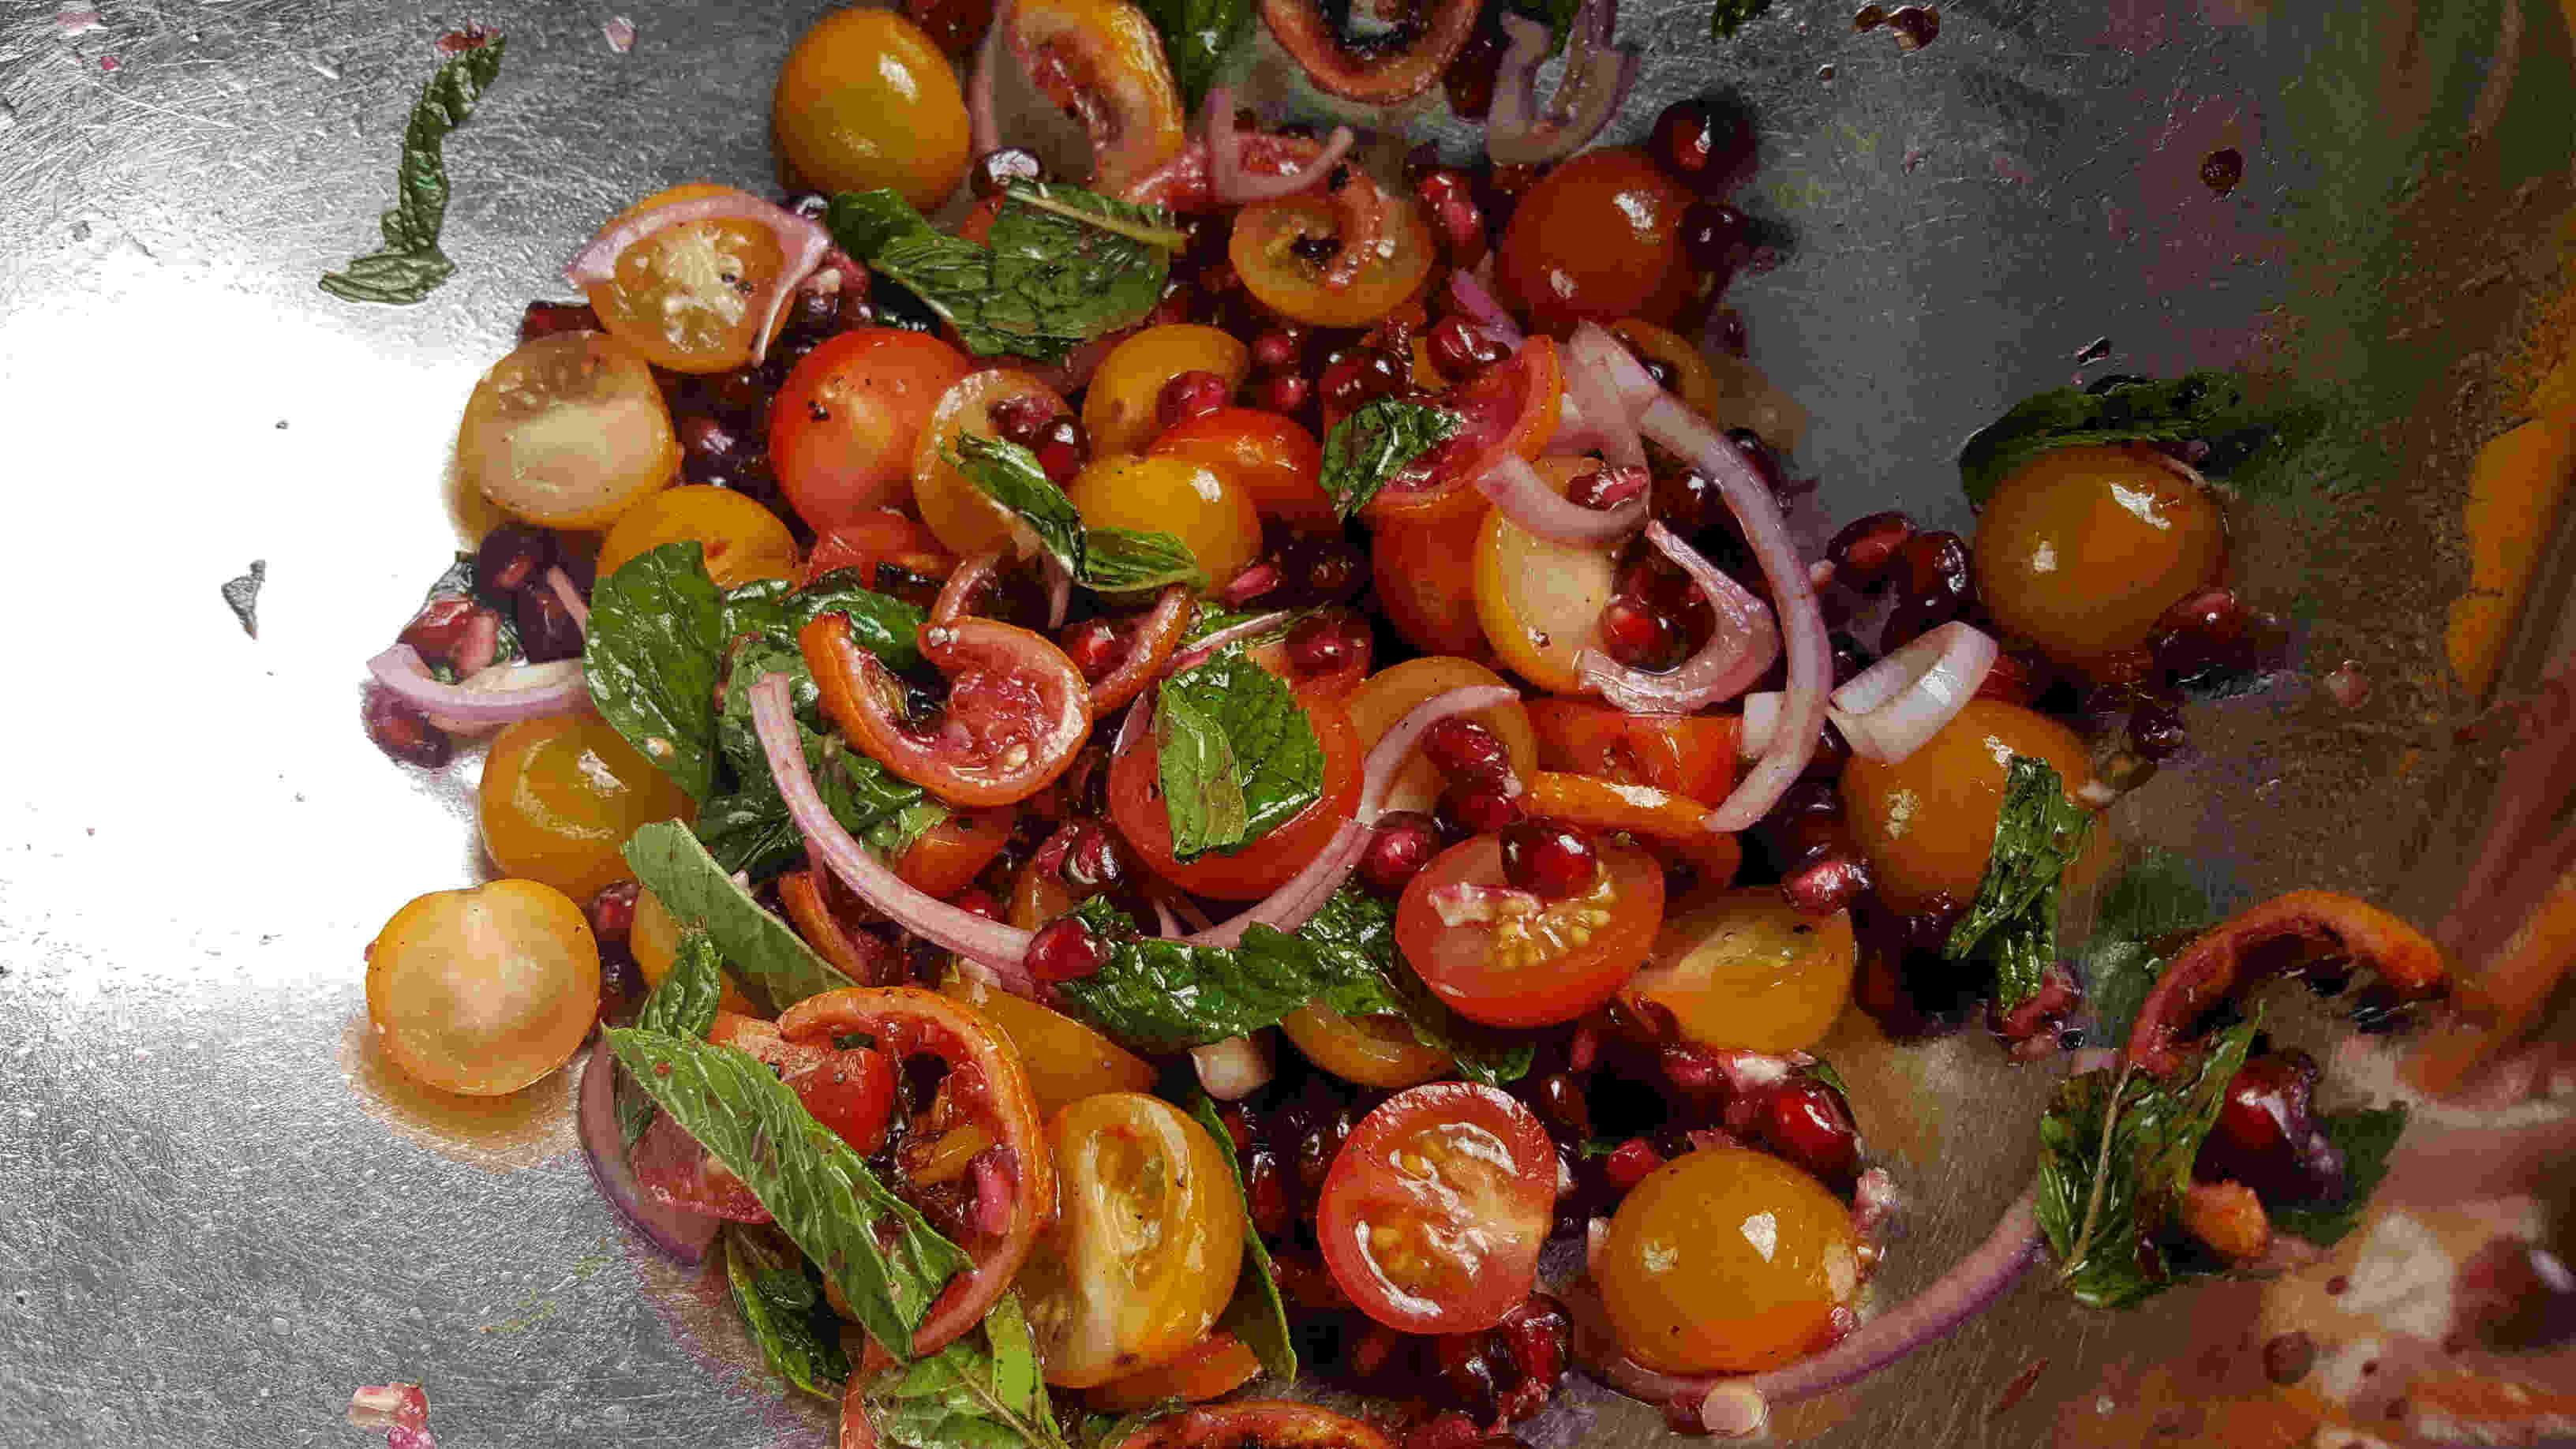 Tomatensalat mit Minze und Granatapfel in einer Schüssel